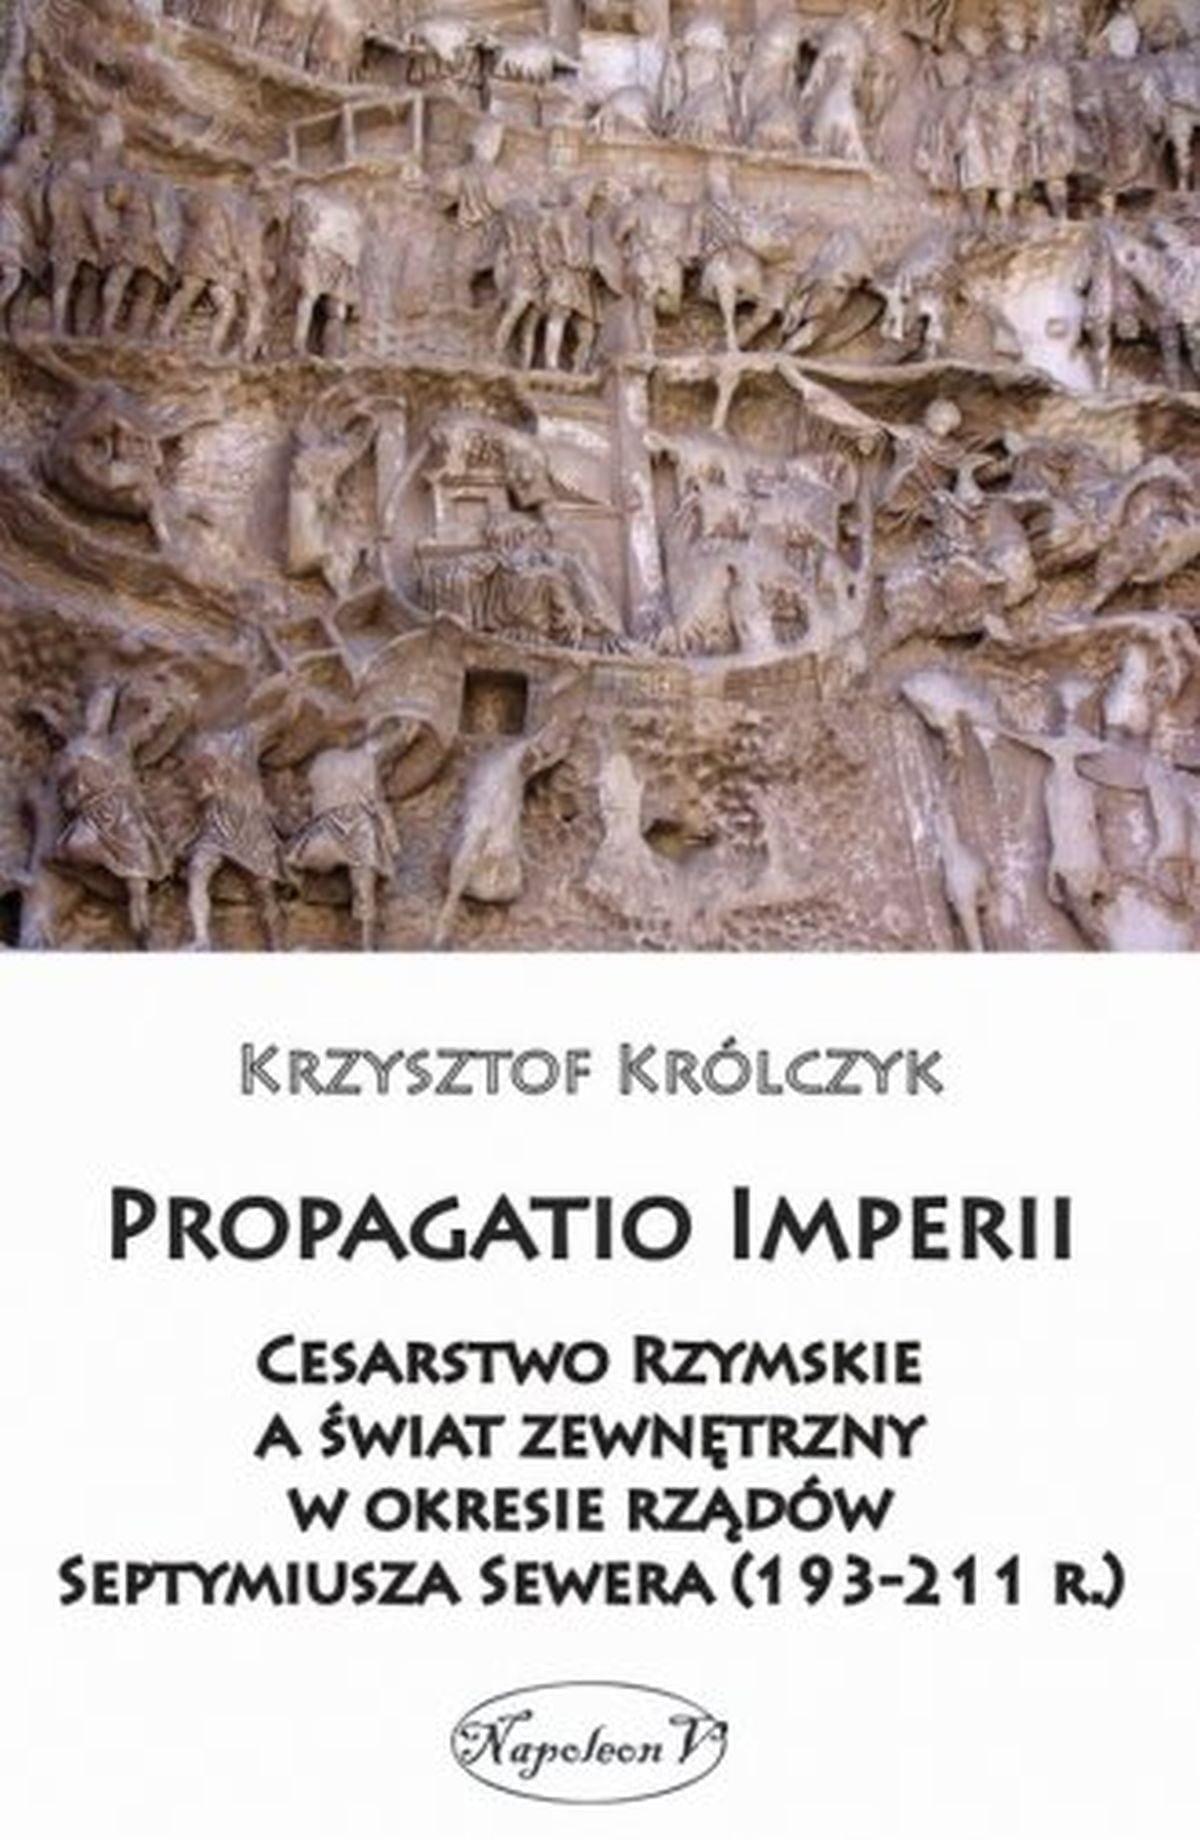 Propagatio Imperii. Cesarstwo Rzymskie a świat zewnętrzny w okresie rządów Septymiusza Sewera